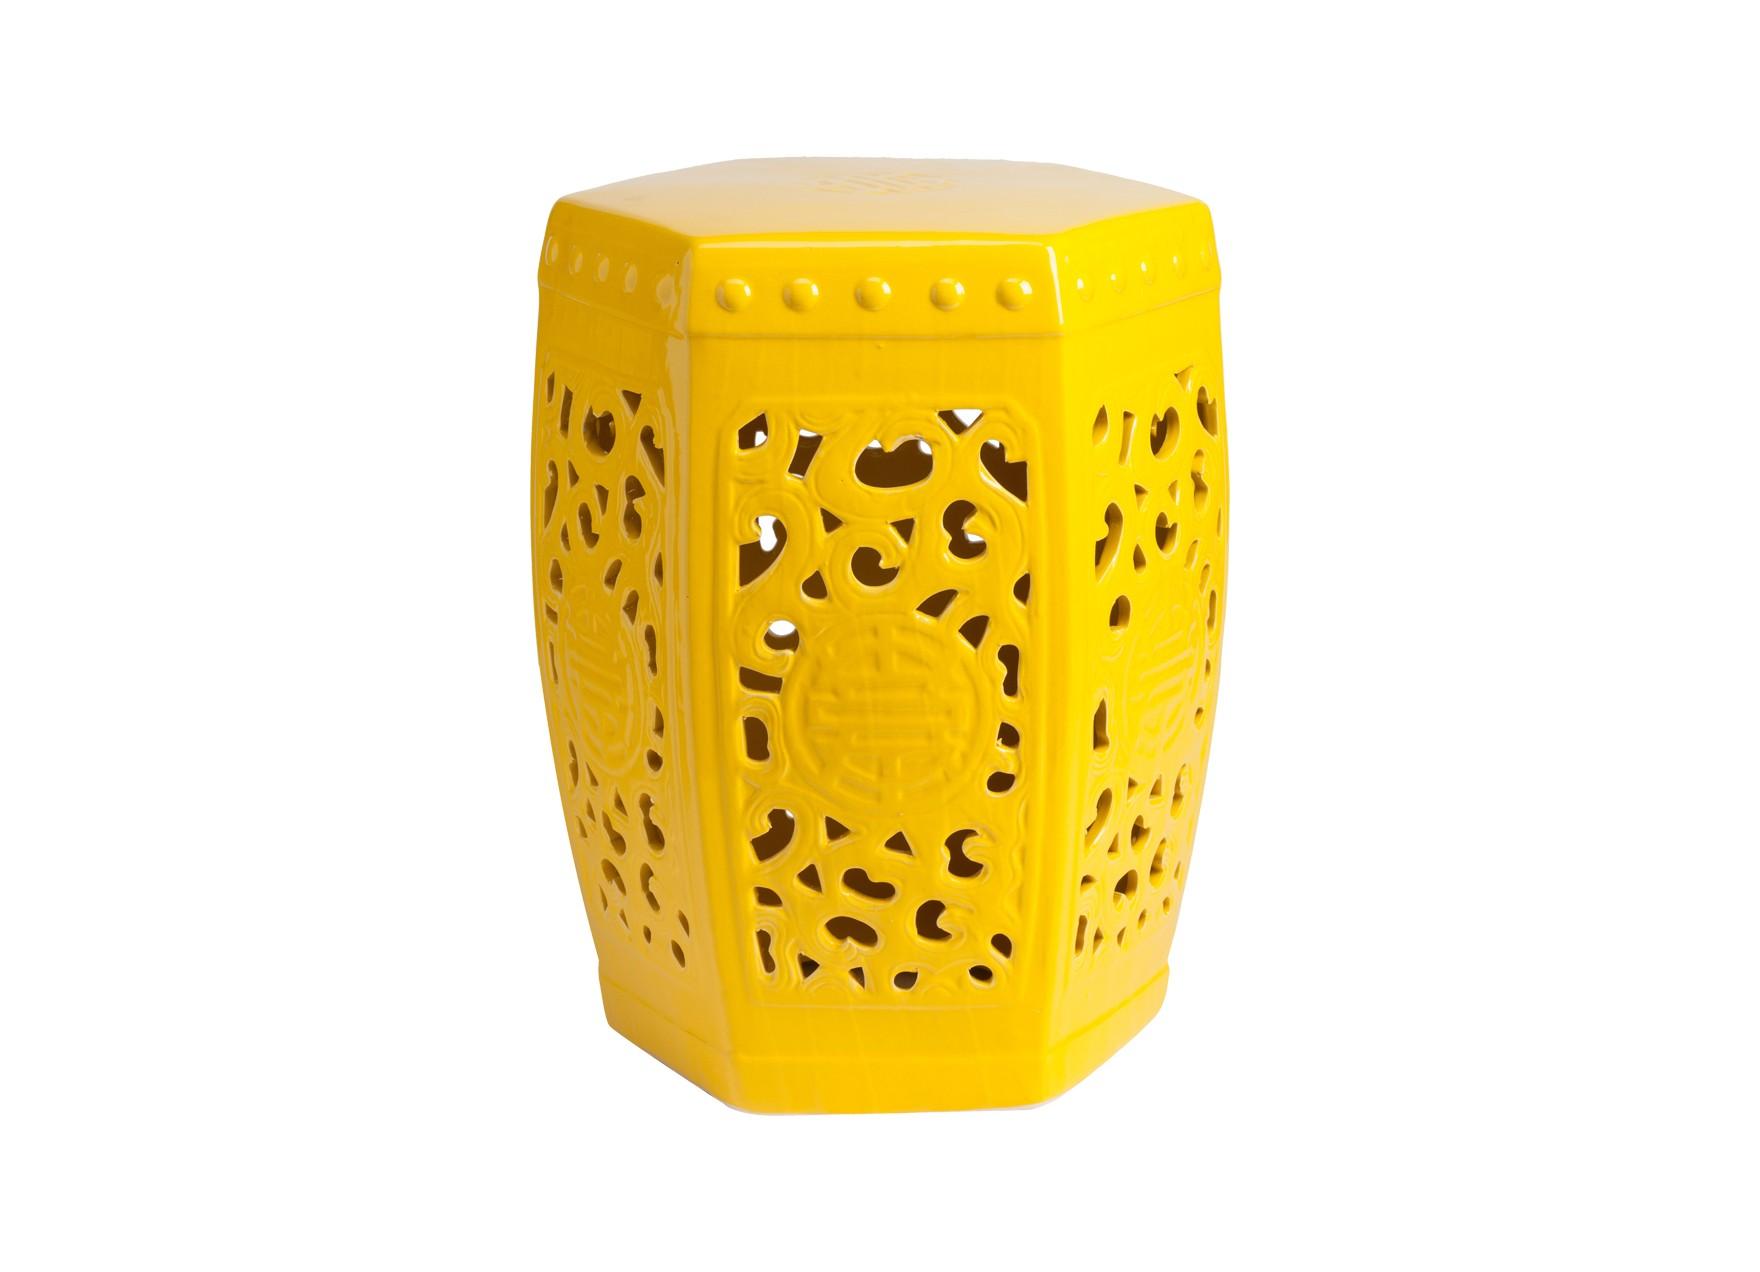 Керамический столик-табурет Design StoolТабуреты<br>Это предмет мебели, который удачно сочетает в себе сразу две функции — его можно использовать и как стол, и как табурет, в зависимости от вашего желания. Примечательно, что эта модель выполнена не из дерева, как следовало бы ожидать, а из грубой керамики. Столешница, она же сидение, выполнена в форме шестиугольника, боковые грани украшены оригинальным ажурным узором, а в общем напоминает бочонок. Столик-табурет выполнен в жёлтом цвете, &amp;amp;nbsp;он станет полезным приобретением в первую очередь для маленьких помещений, в которых остро стоит вопрос экономии полезного пространства.<br><br>Material: Керамика<br>Width см: 28<br>Depth см: 28<br>Height см: 40